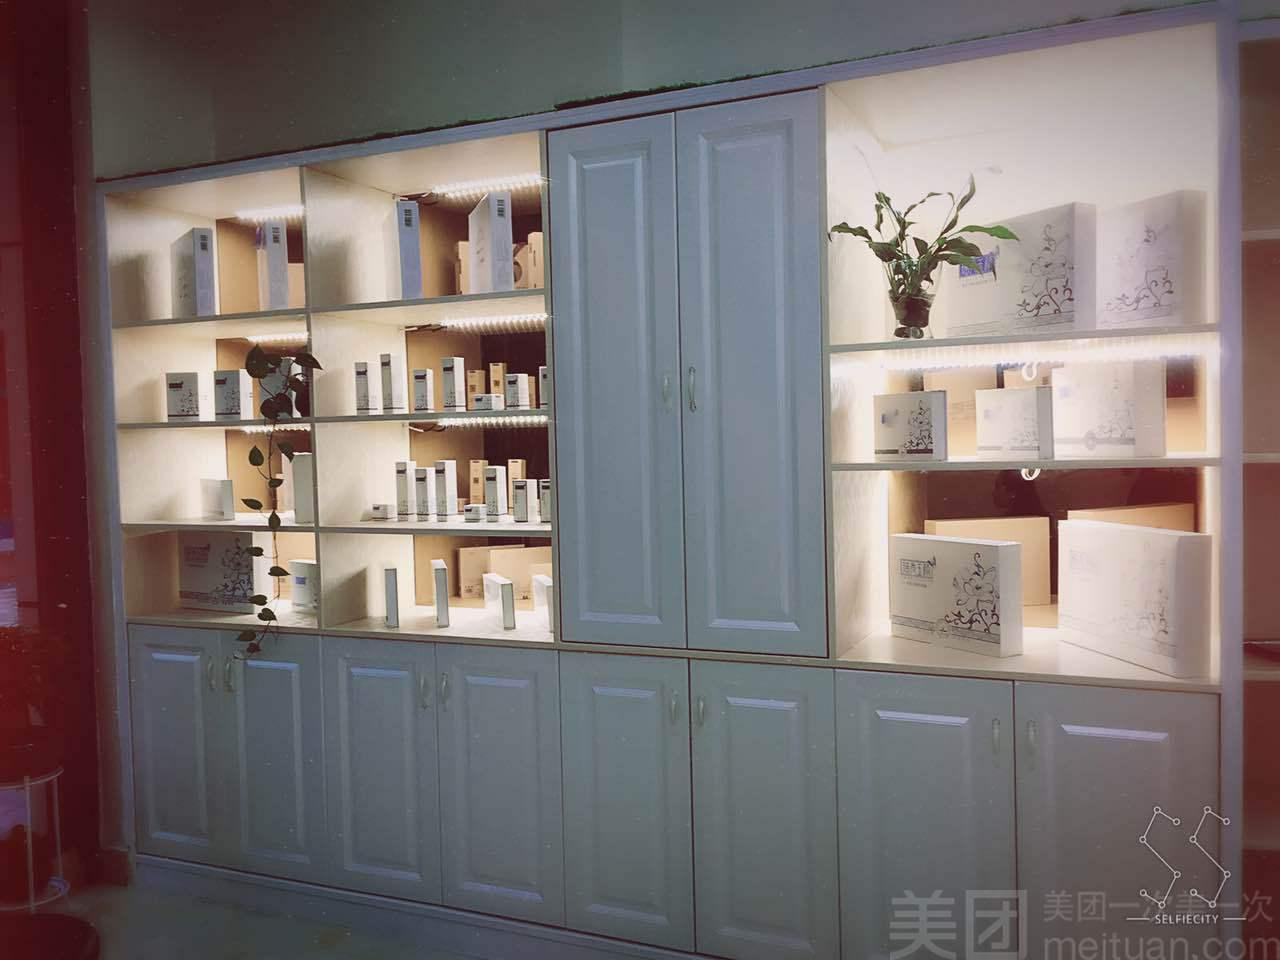 香港瑶芳专业祛痘祛斑-美团